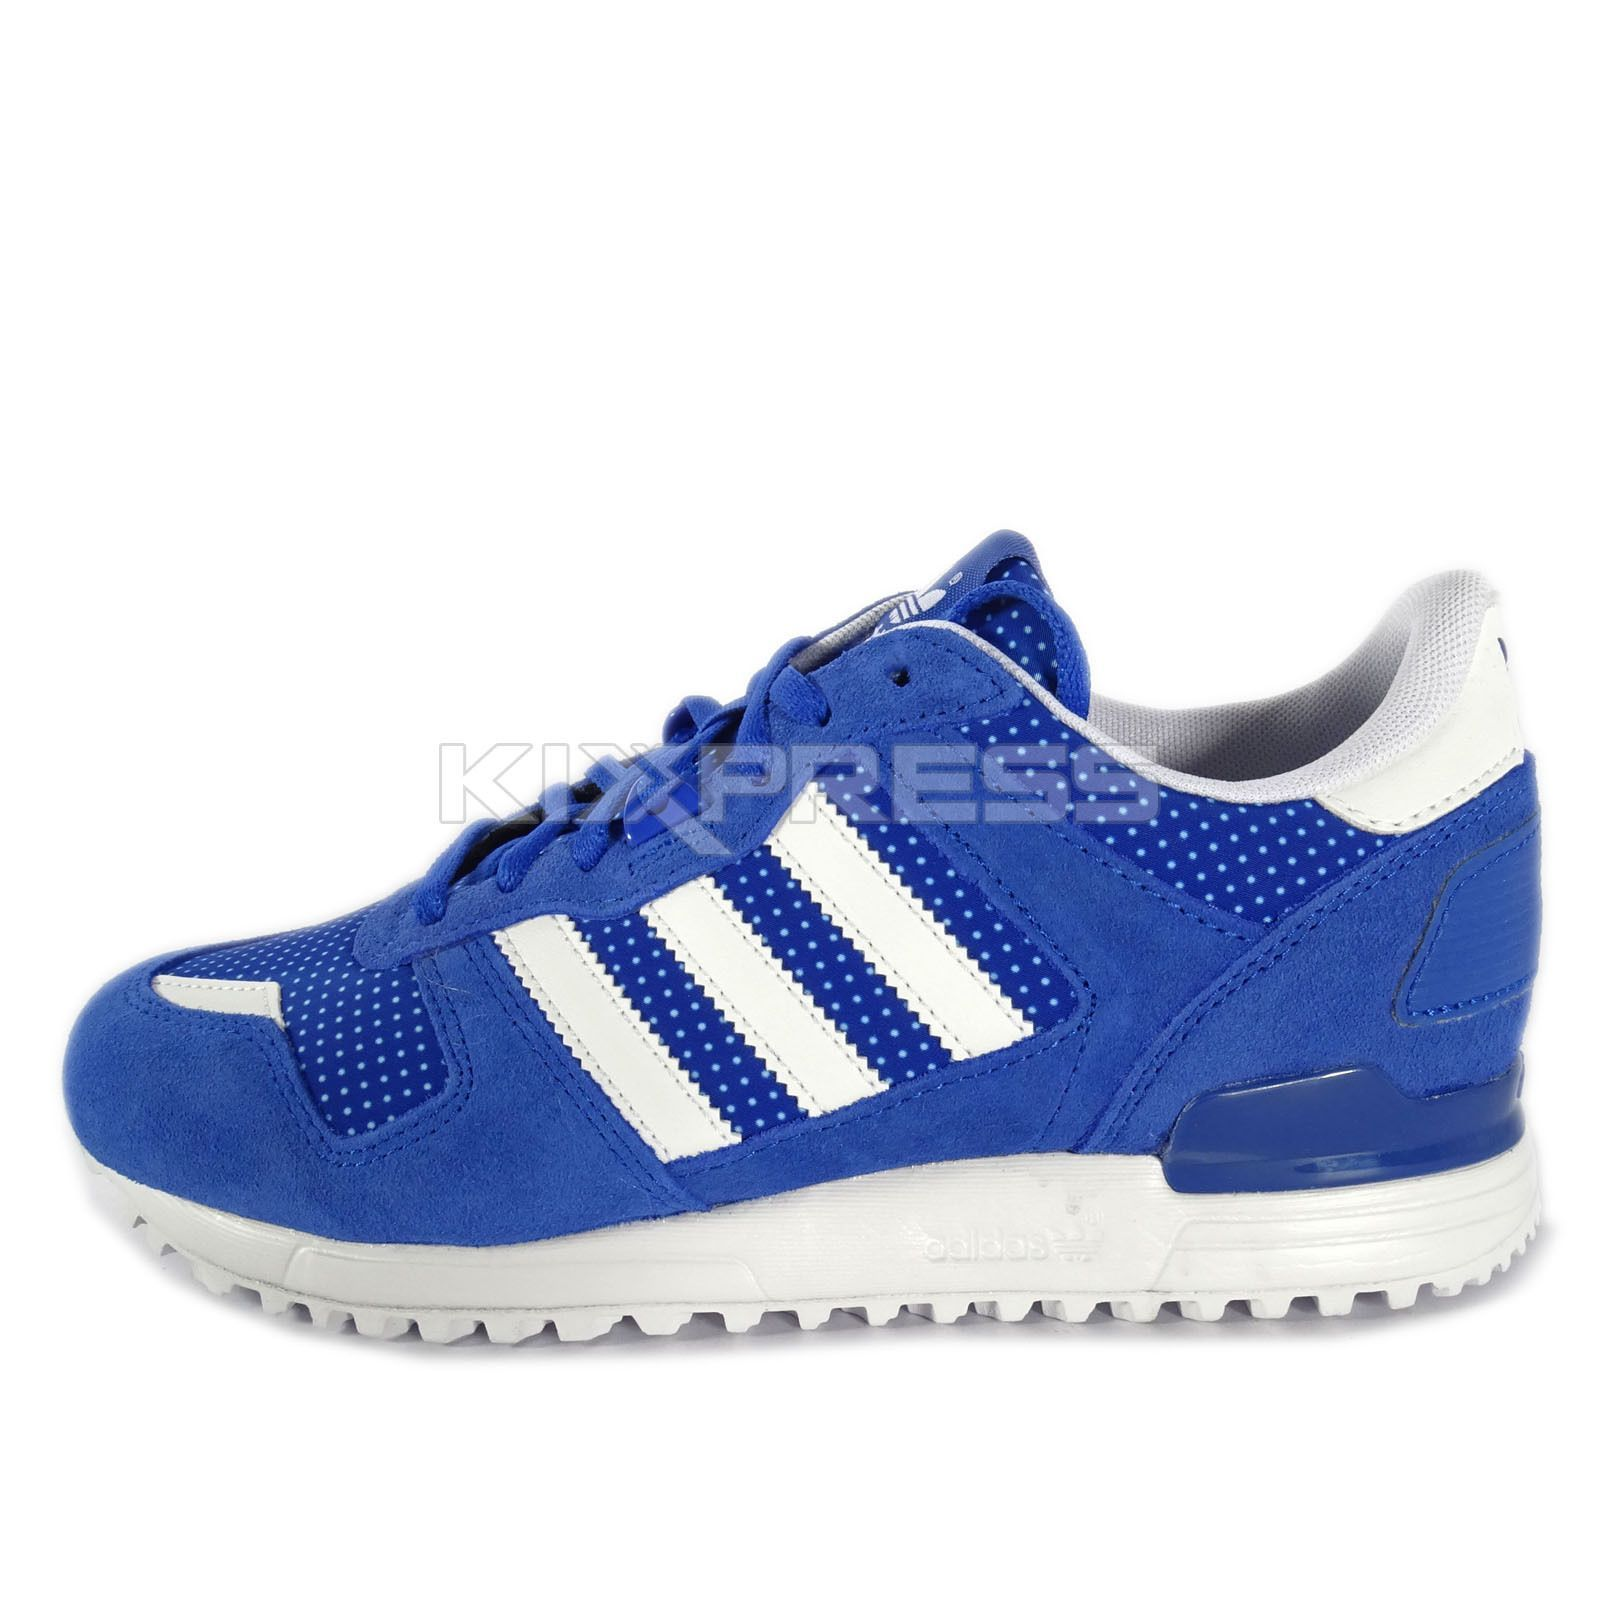 best loved 7ec9c 82b69 Adidas ZX 700 W [M19420] Original Running Blue/White ...